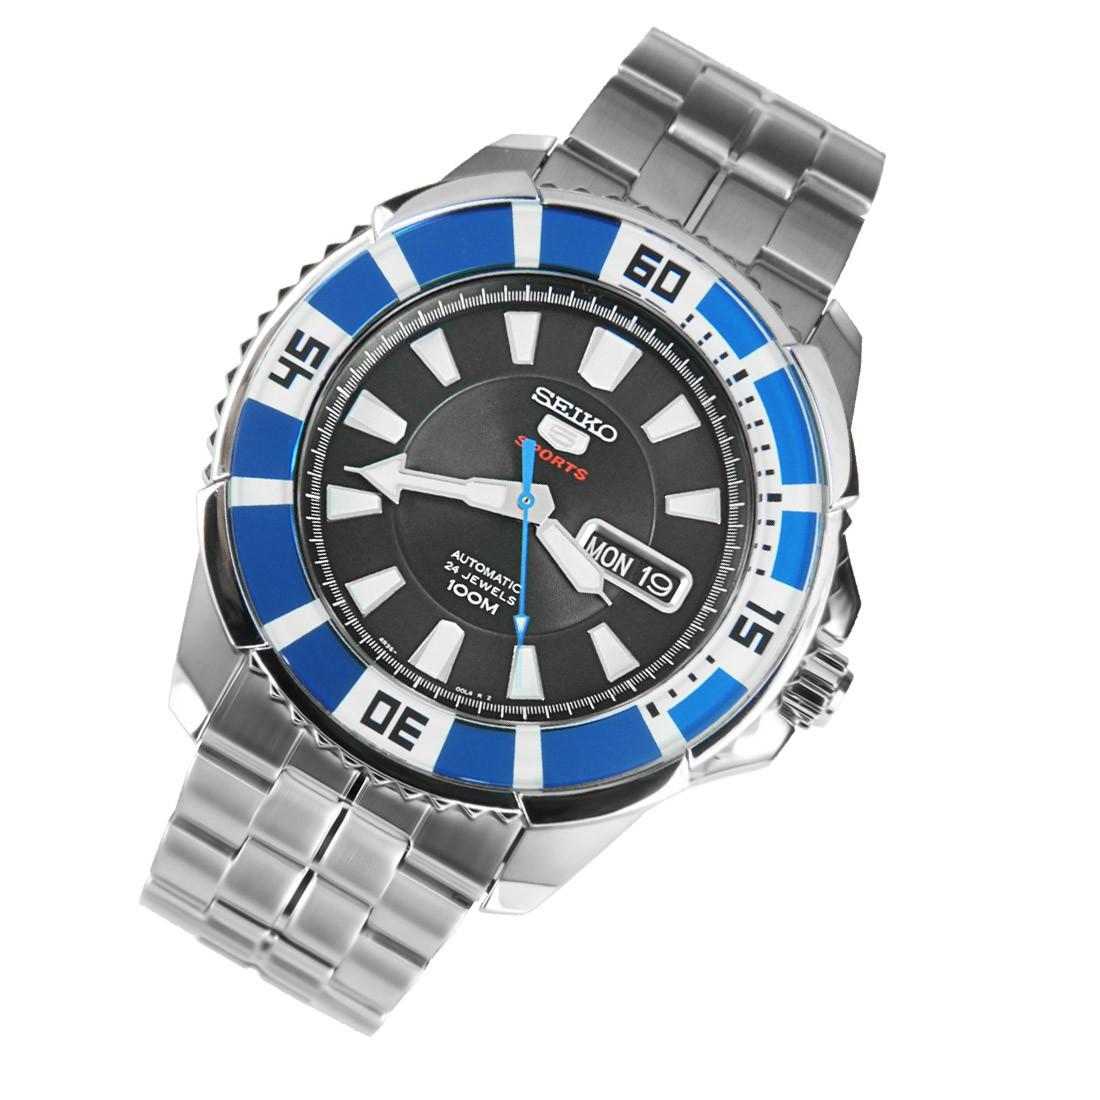 Японские наручные часы Оригиналы Выгодные цены